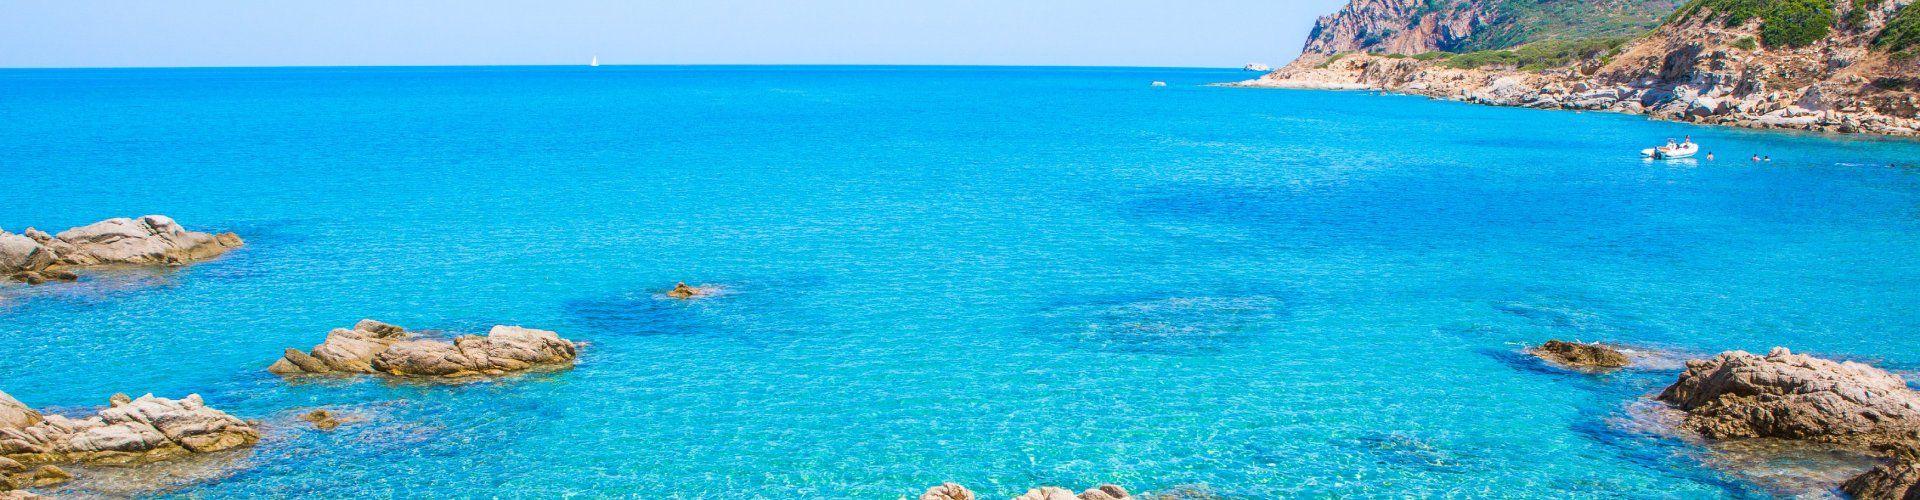 Kristallklares Wasser gibt den Blick auf die Unterwasserwelt des Capo Ferrato frei